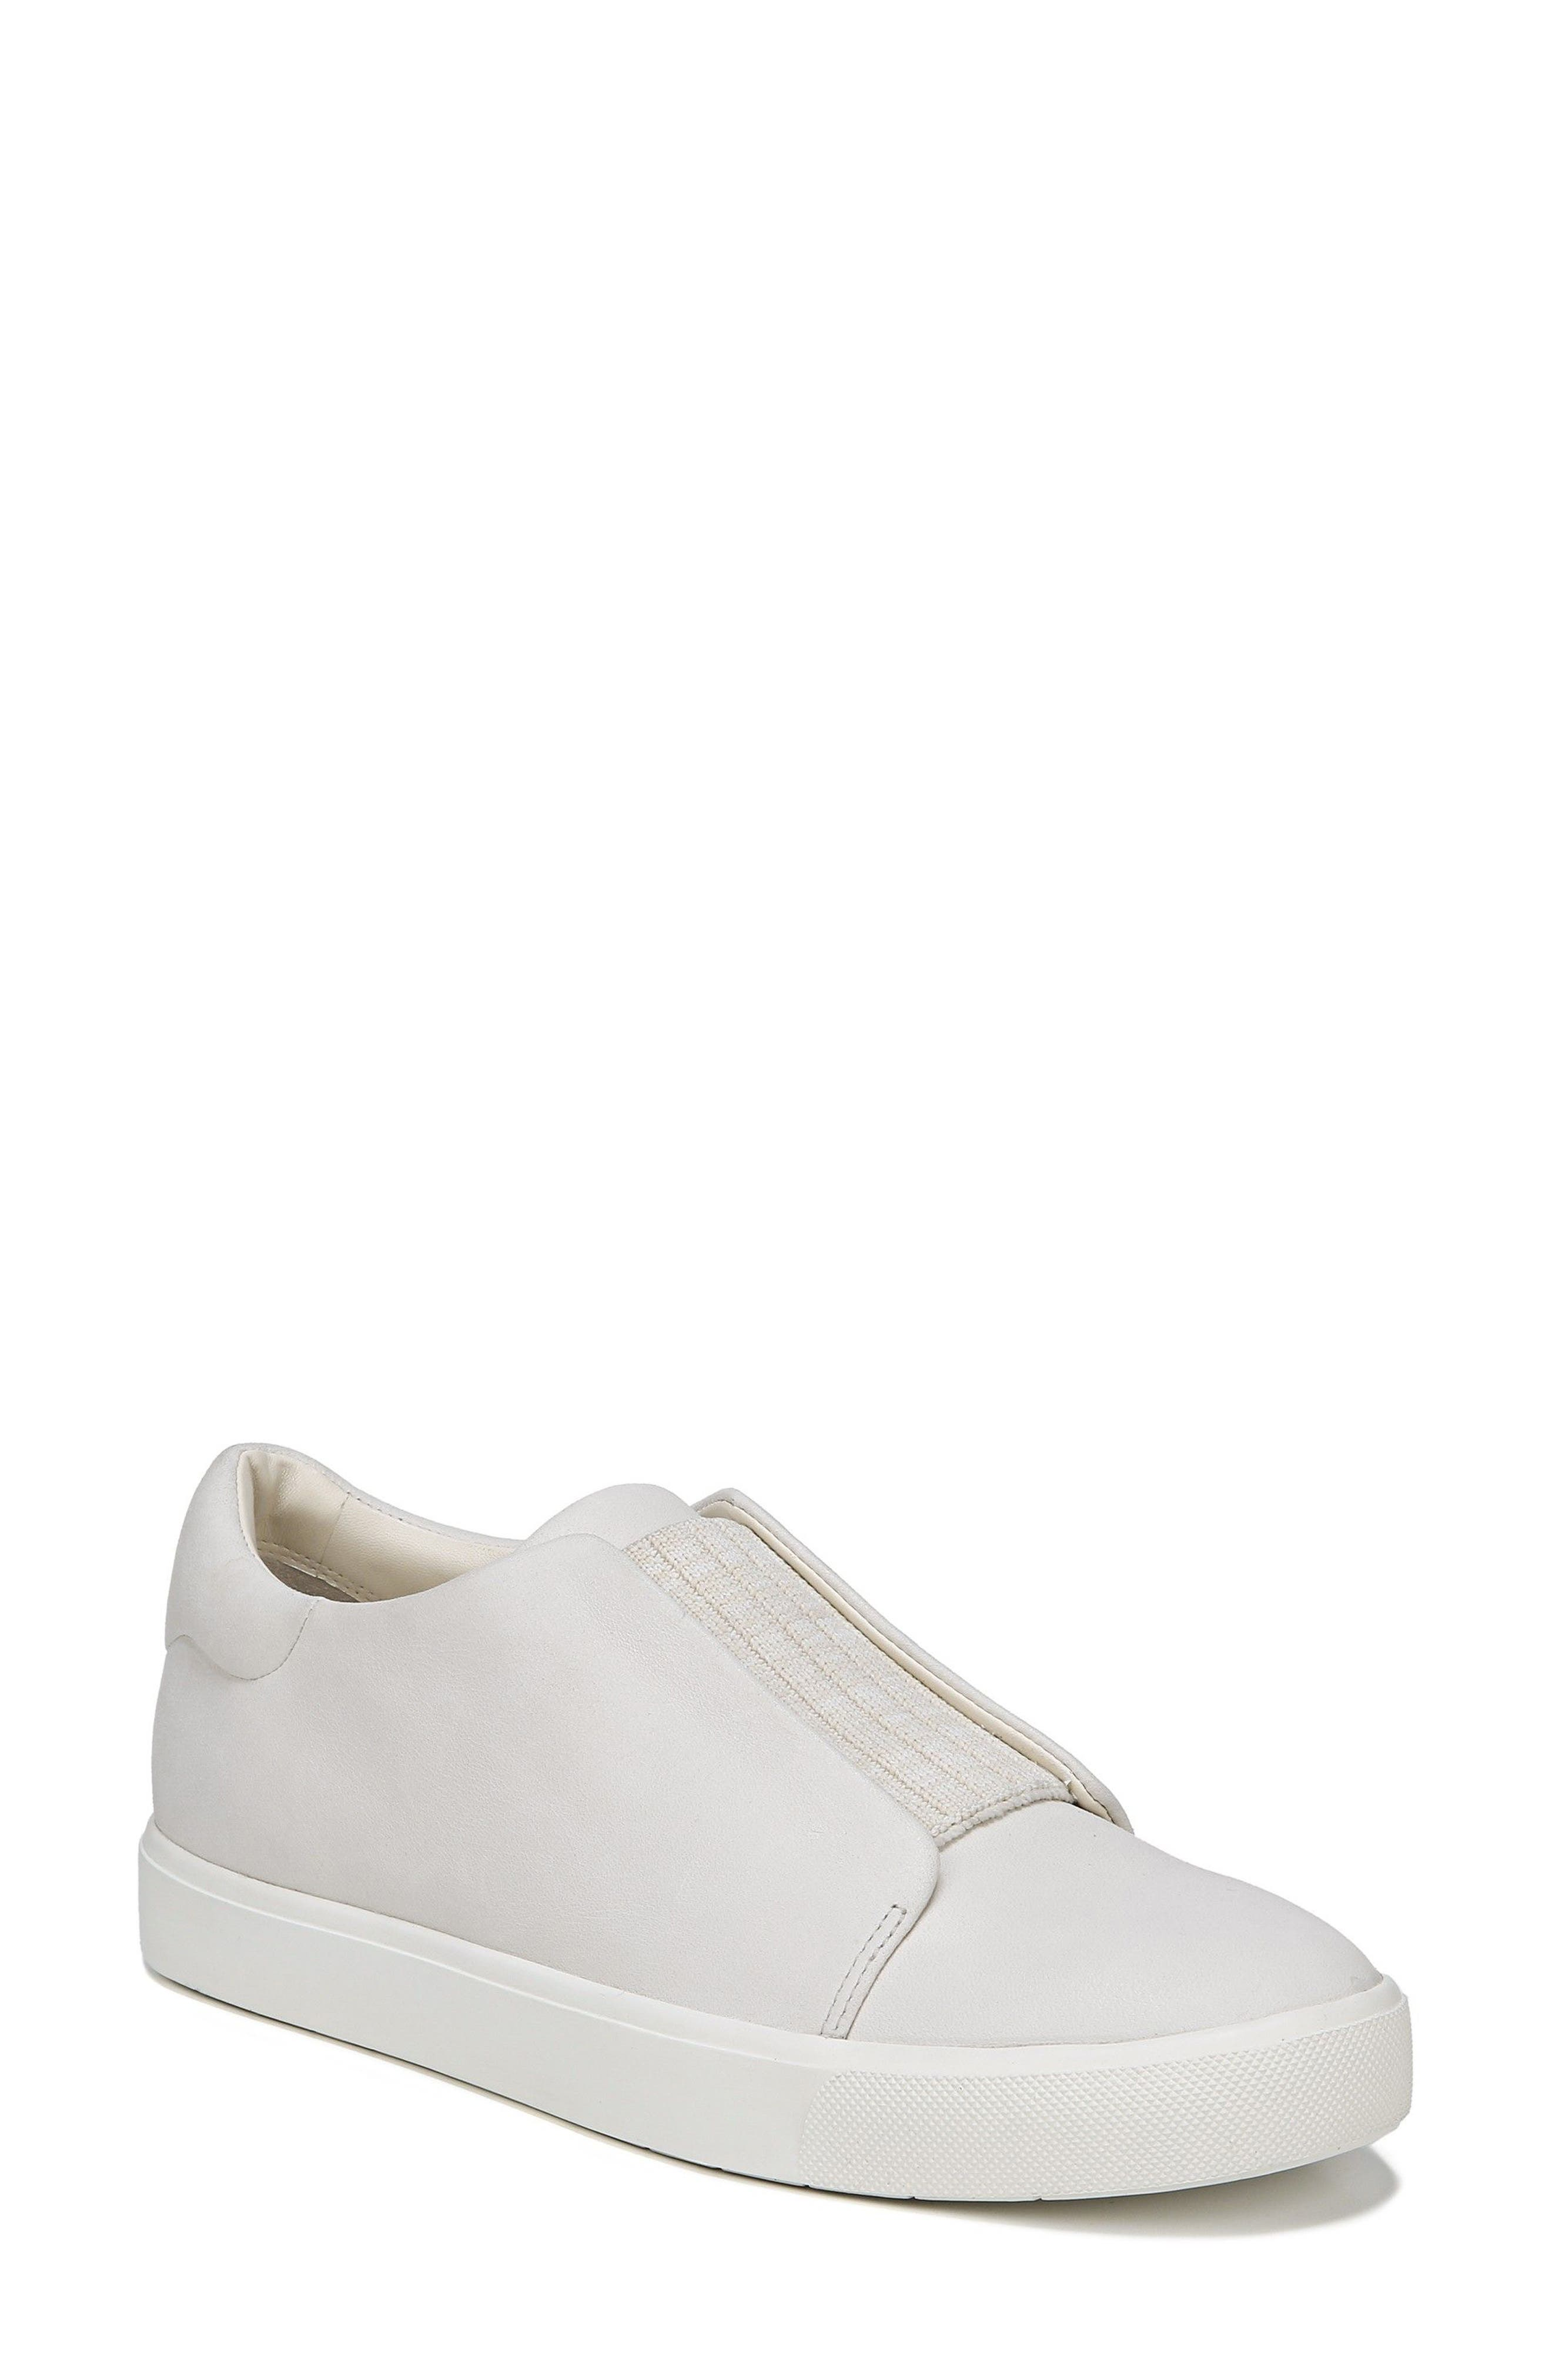 Vince | Cantara Slip-On Sneaker